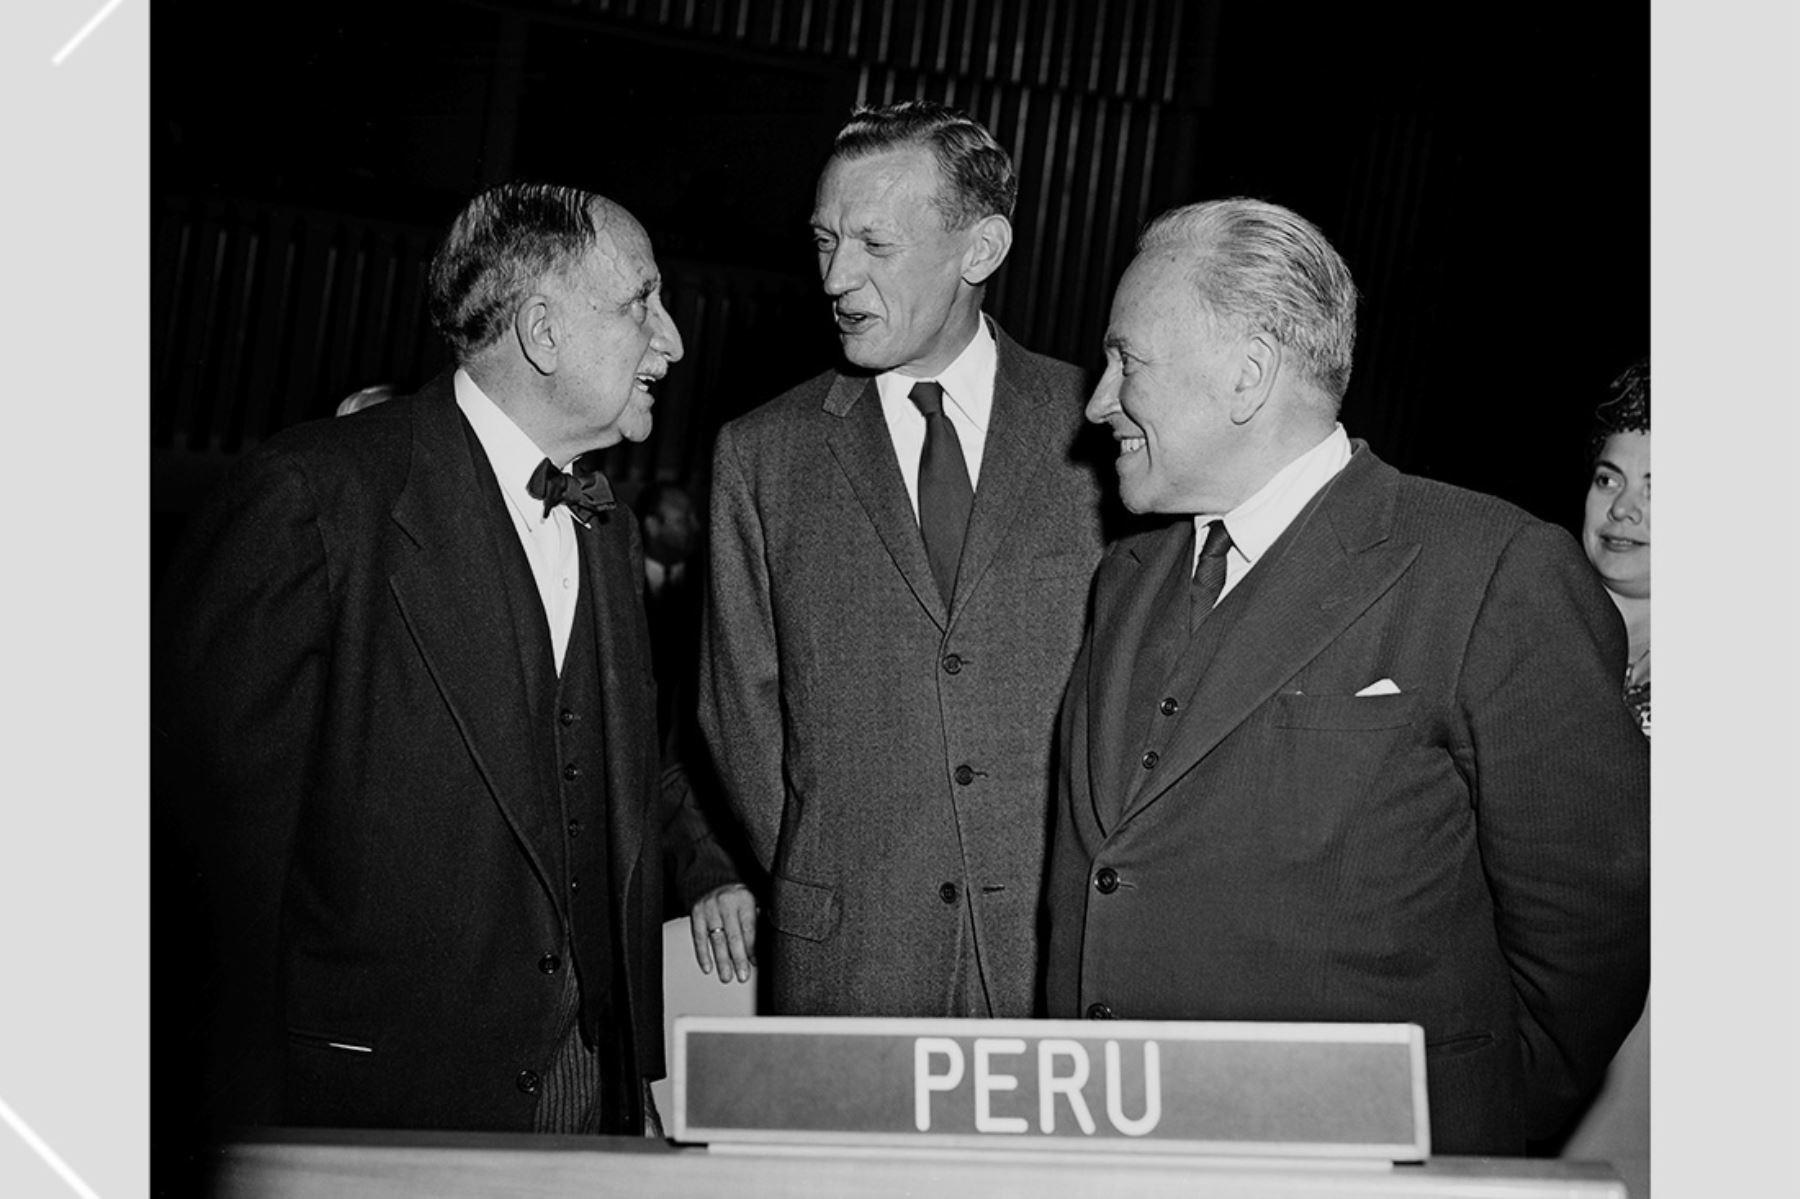 Nueva York - 15 setiembre 1959 / El presidente de la Asamblea General, Victor Andrés Belaunde, y los ministros de Relaciones Exteriores de Francia,  Maurice Couve de Murville, y  del Perú, Raúl Porras Barrenechea, en la Sede de las Naciones Unidas. Foto: Naciones Unidas